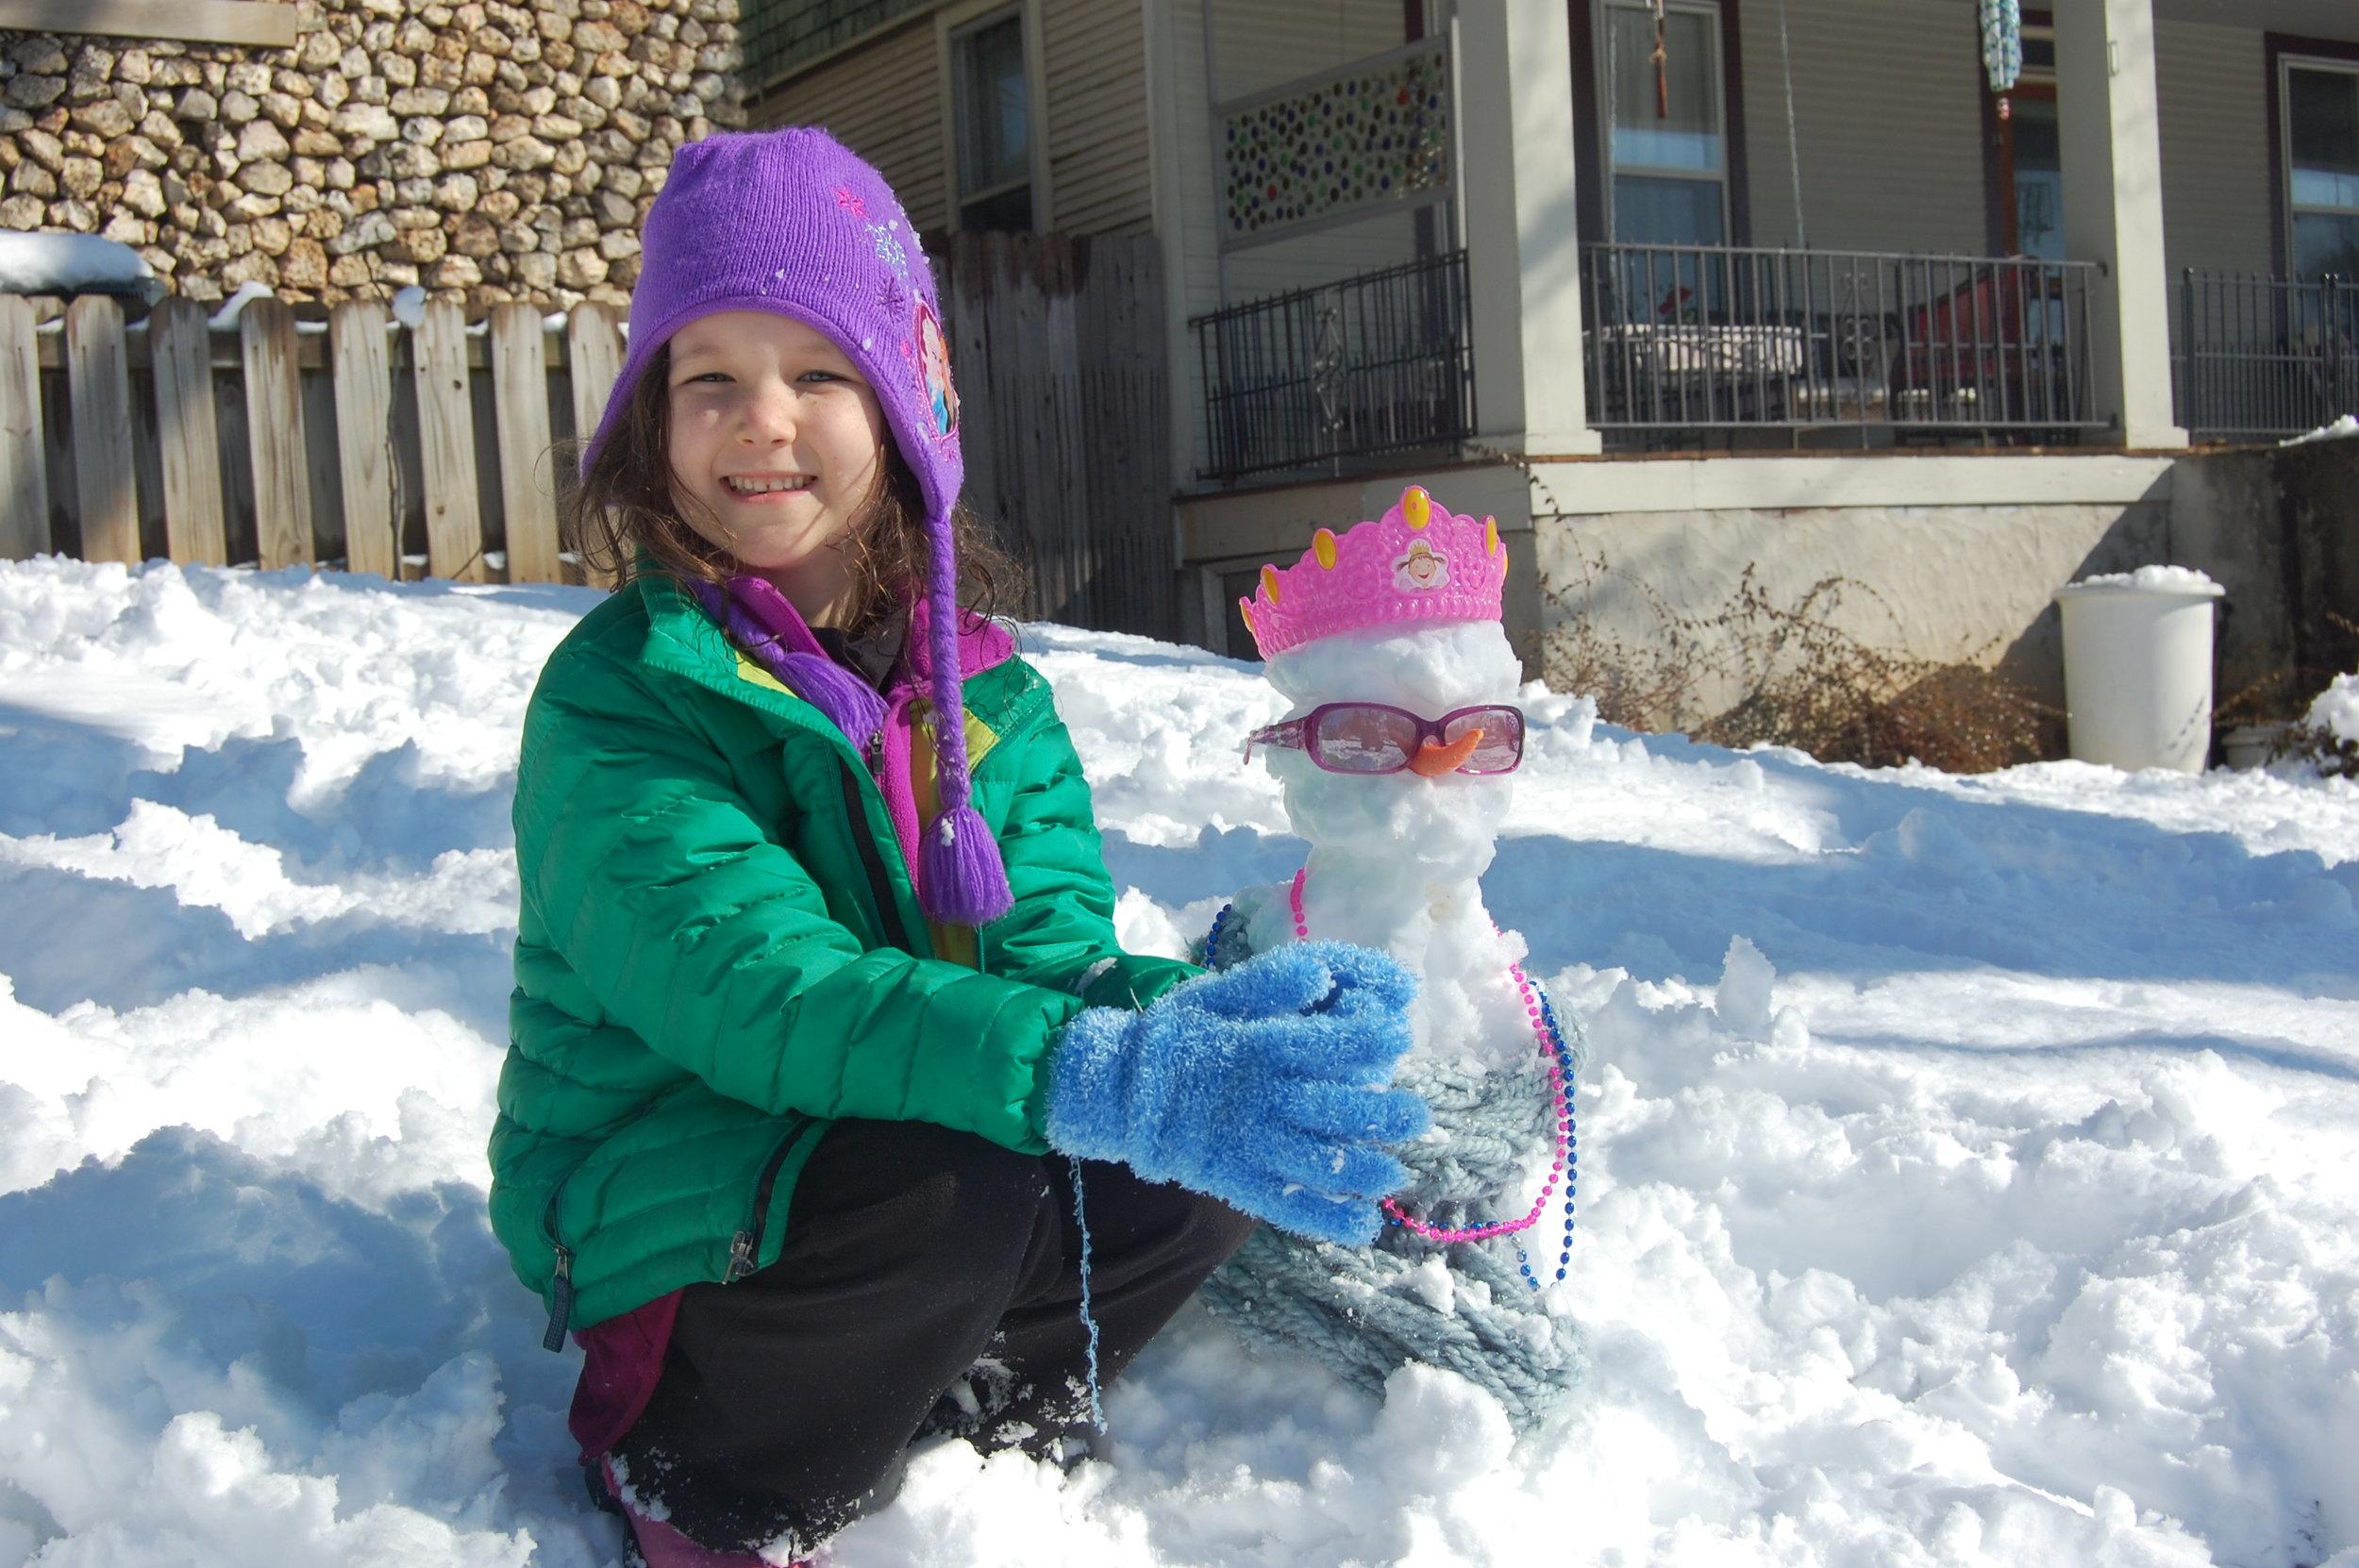 A snow-princess